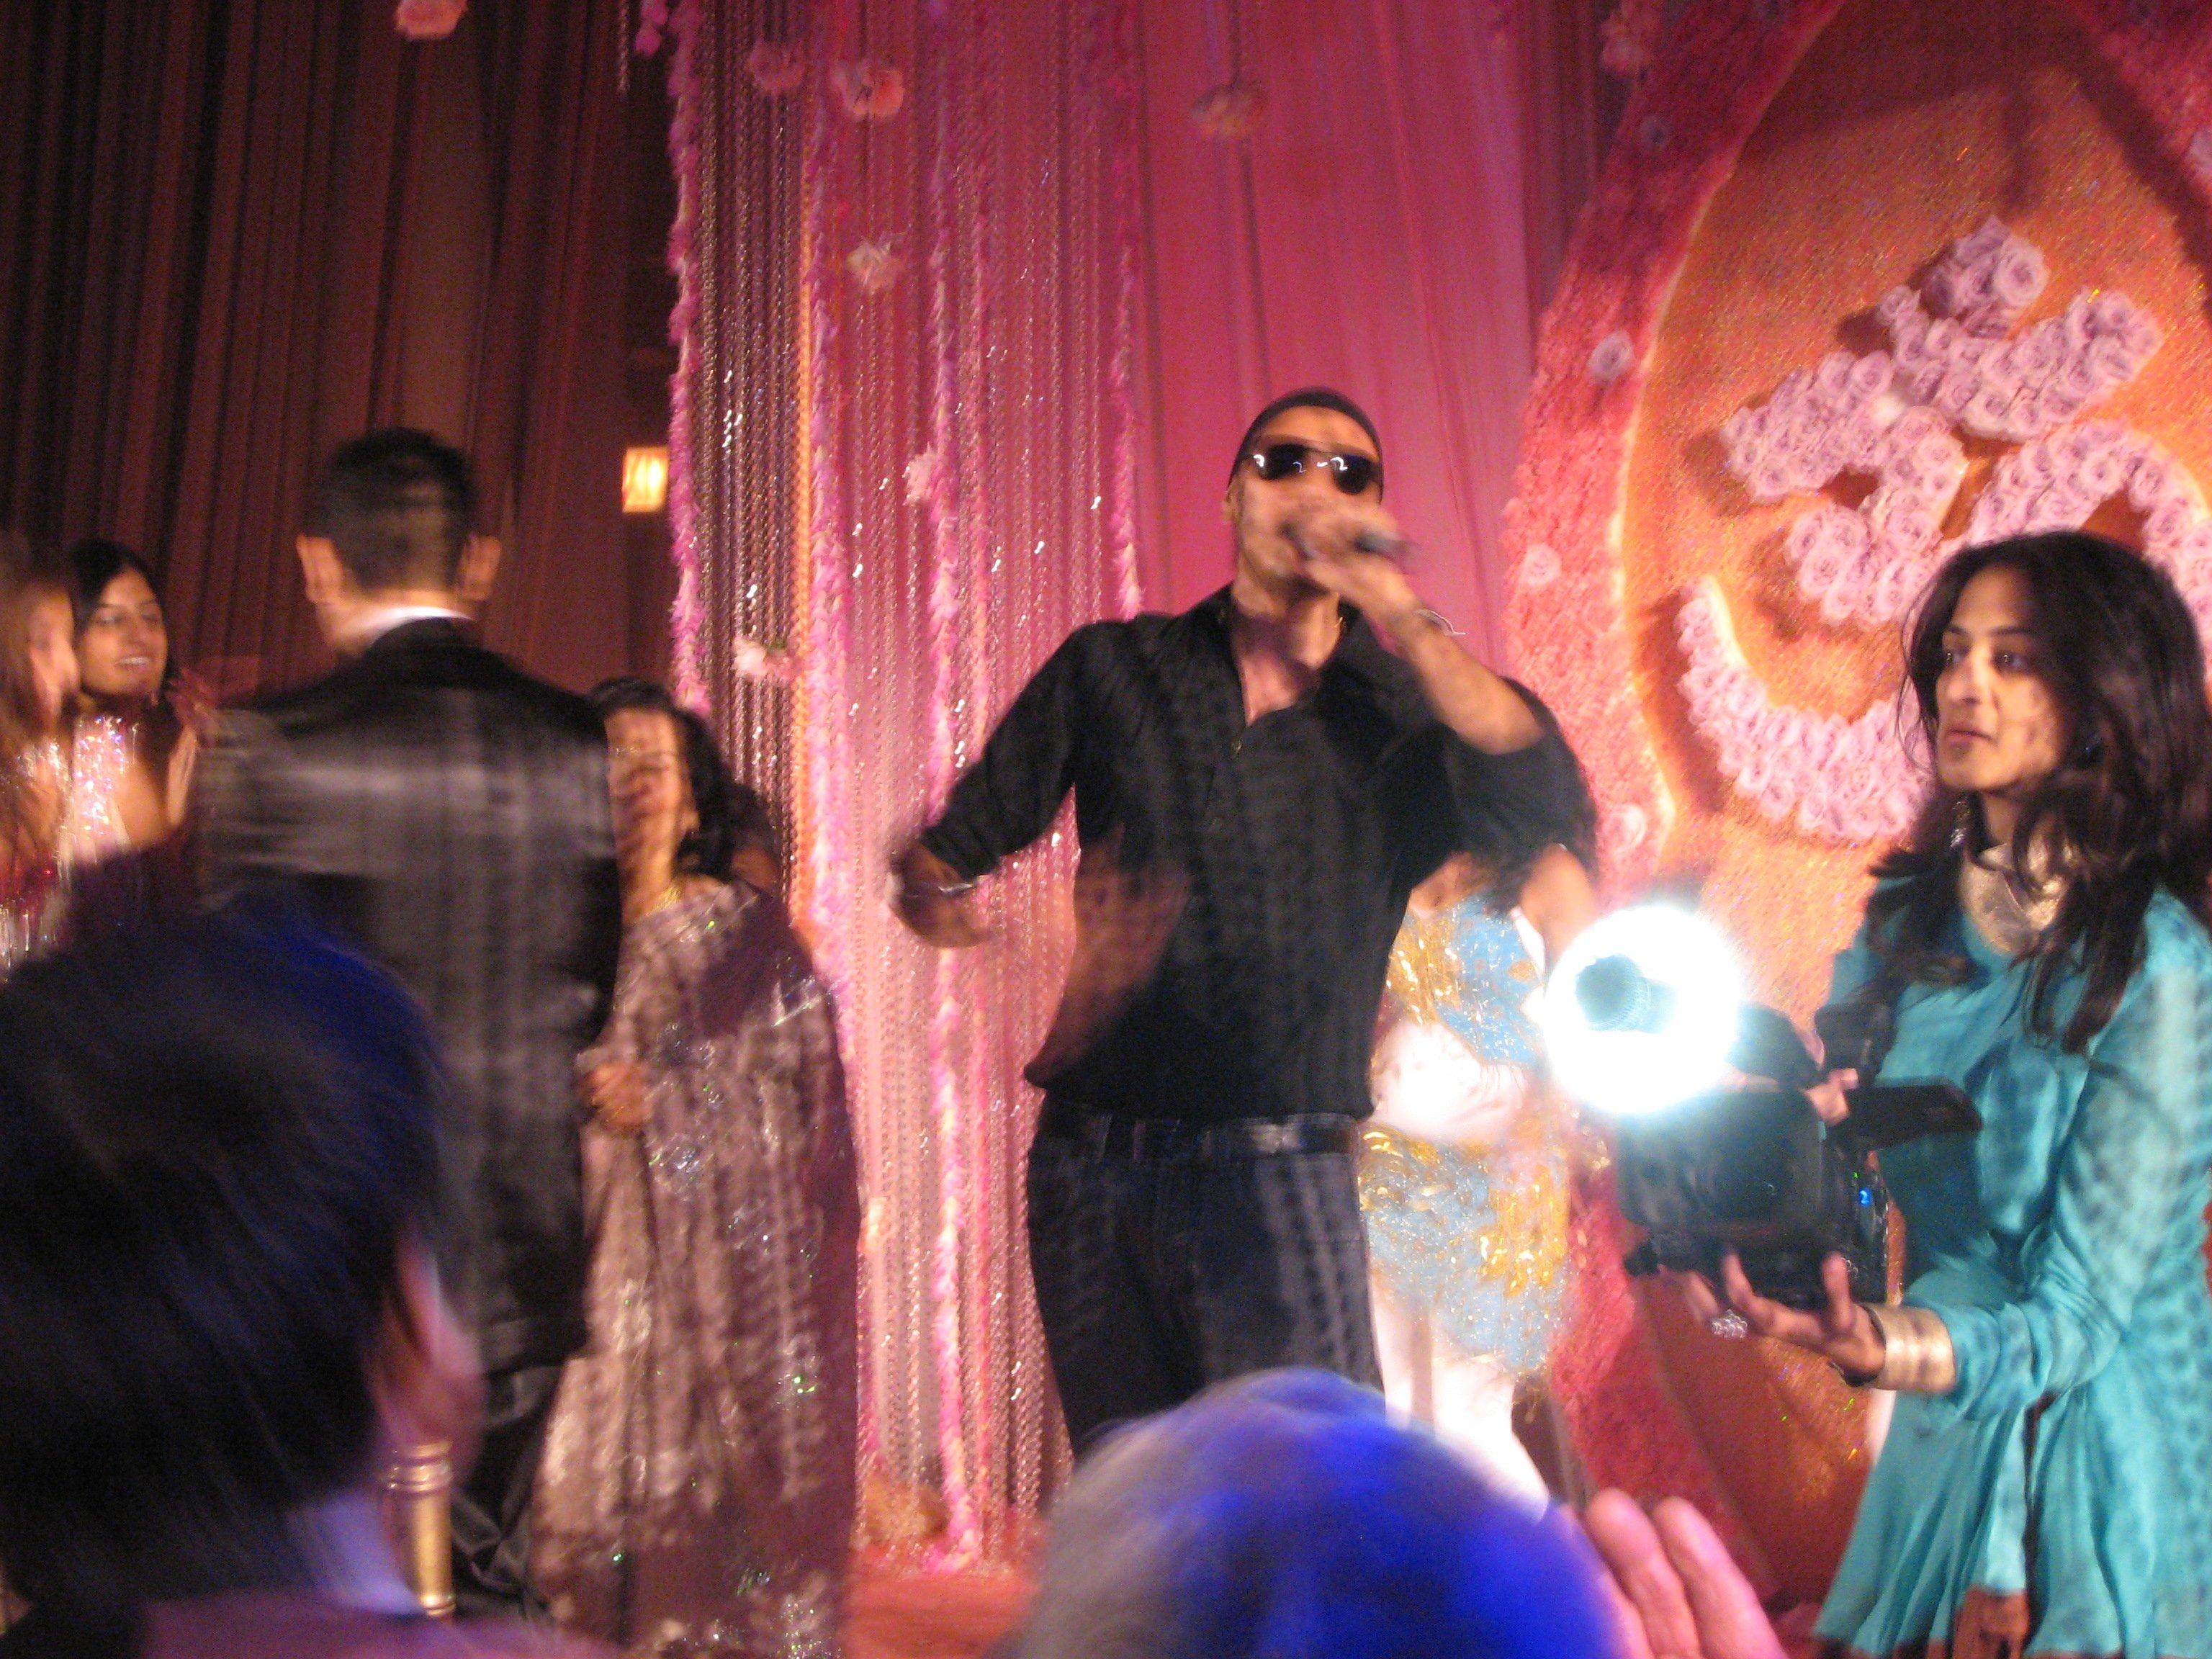 Sukhbir - Oh Ho Ho+Soni De Nakhre Lyrics | MetroLyrics